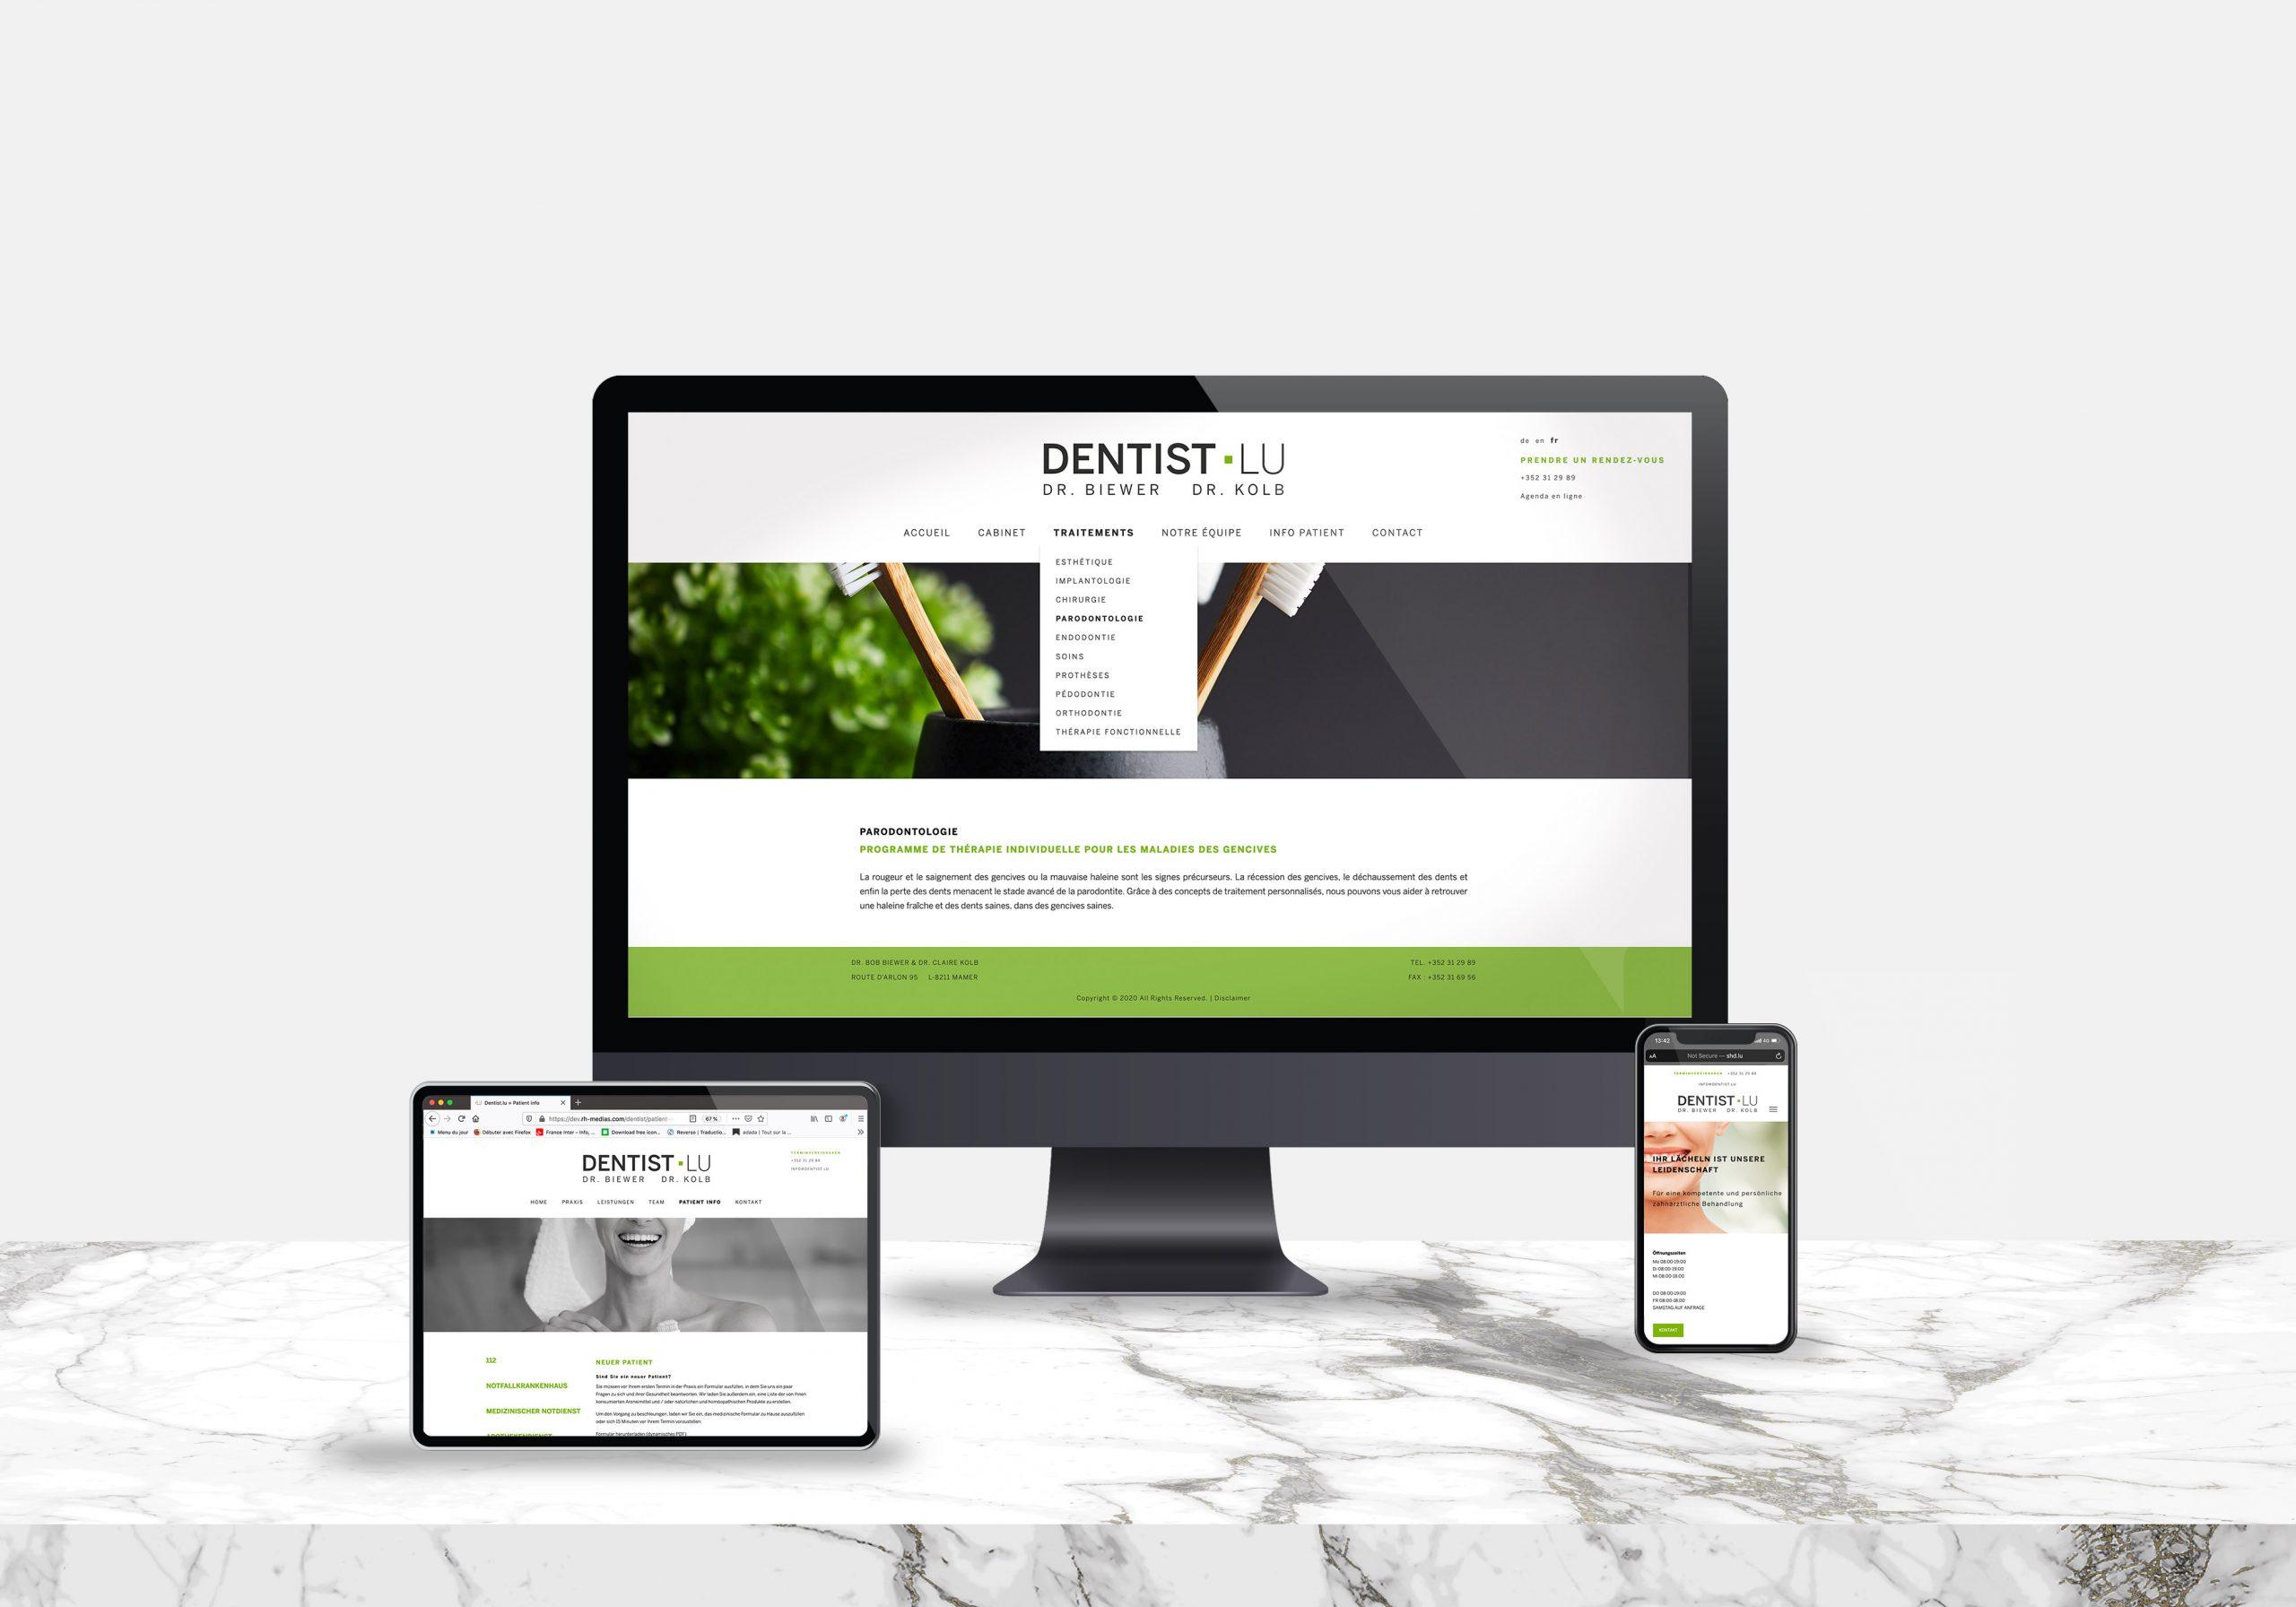 Reperes_Dentist.lu_mockup siteweb